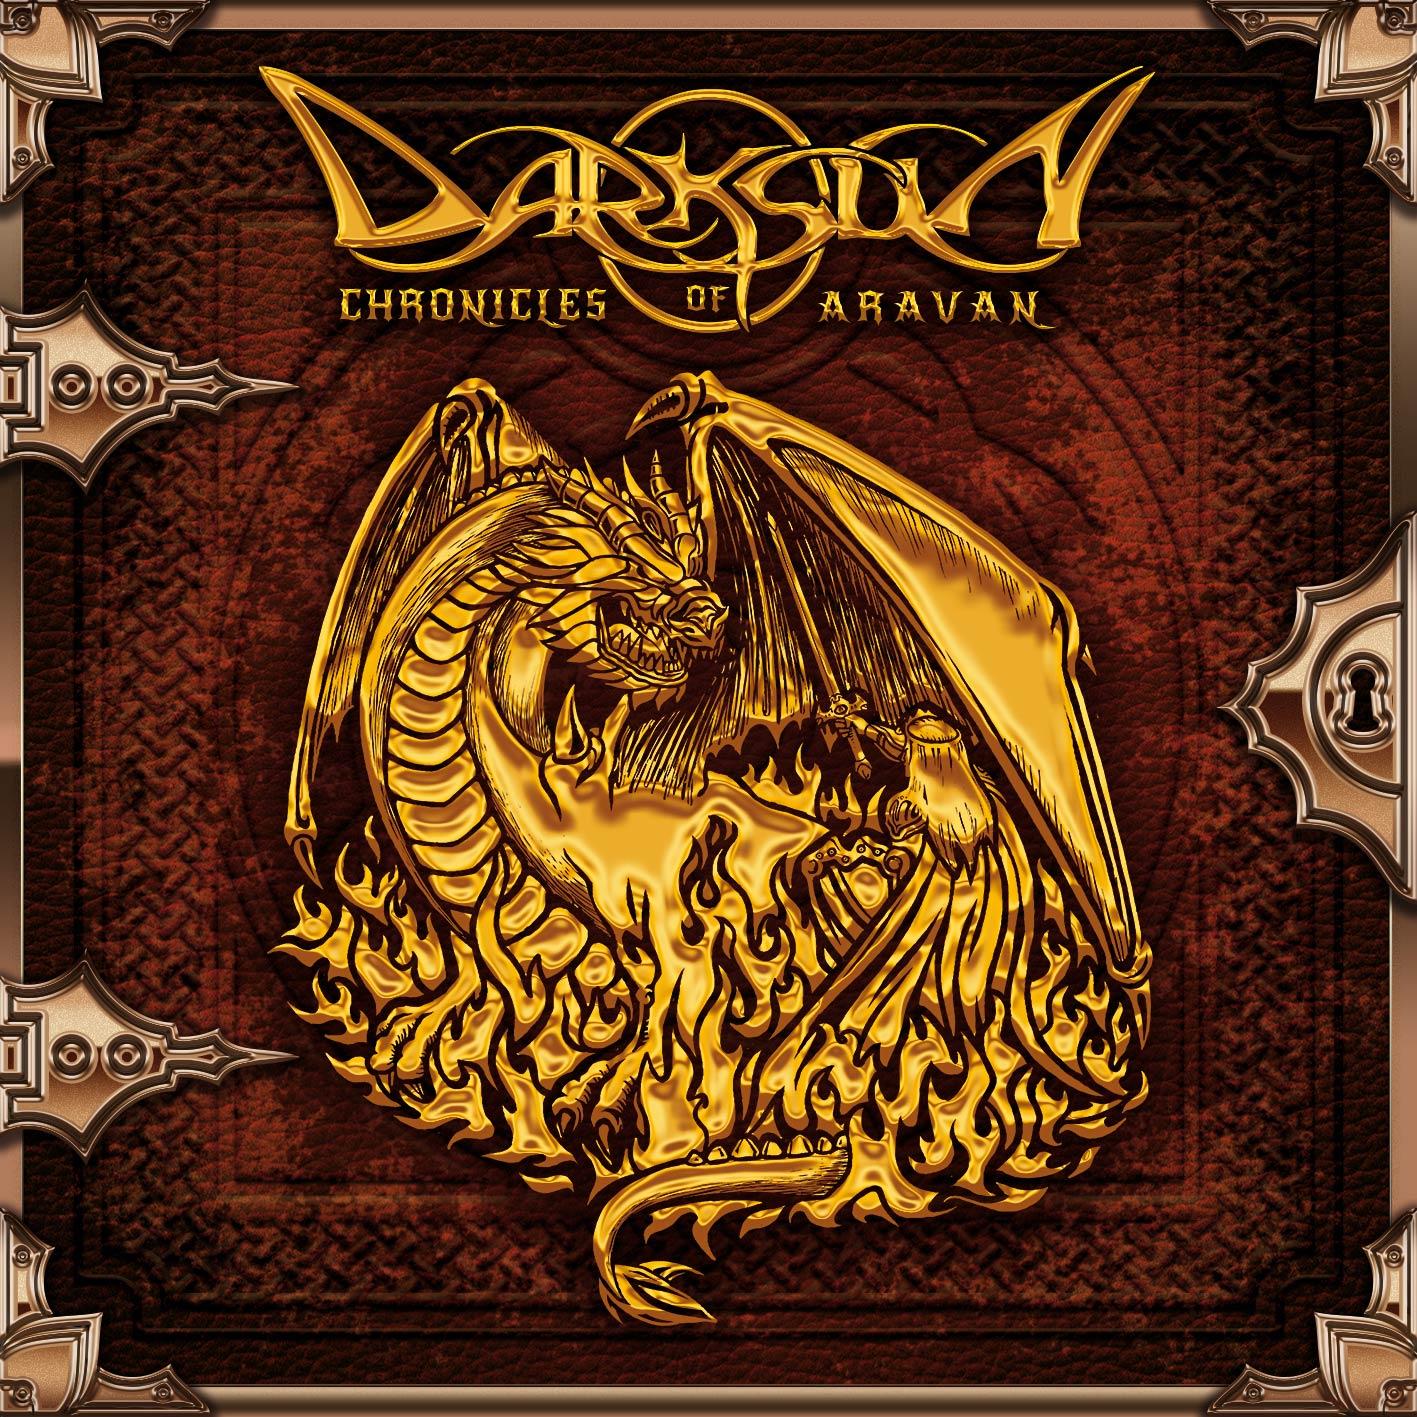 Helloween - Blind Guardian - Edguy - Rage - Primal Fear - power metal CD